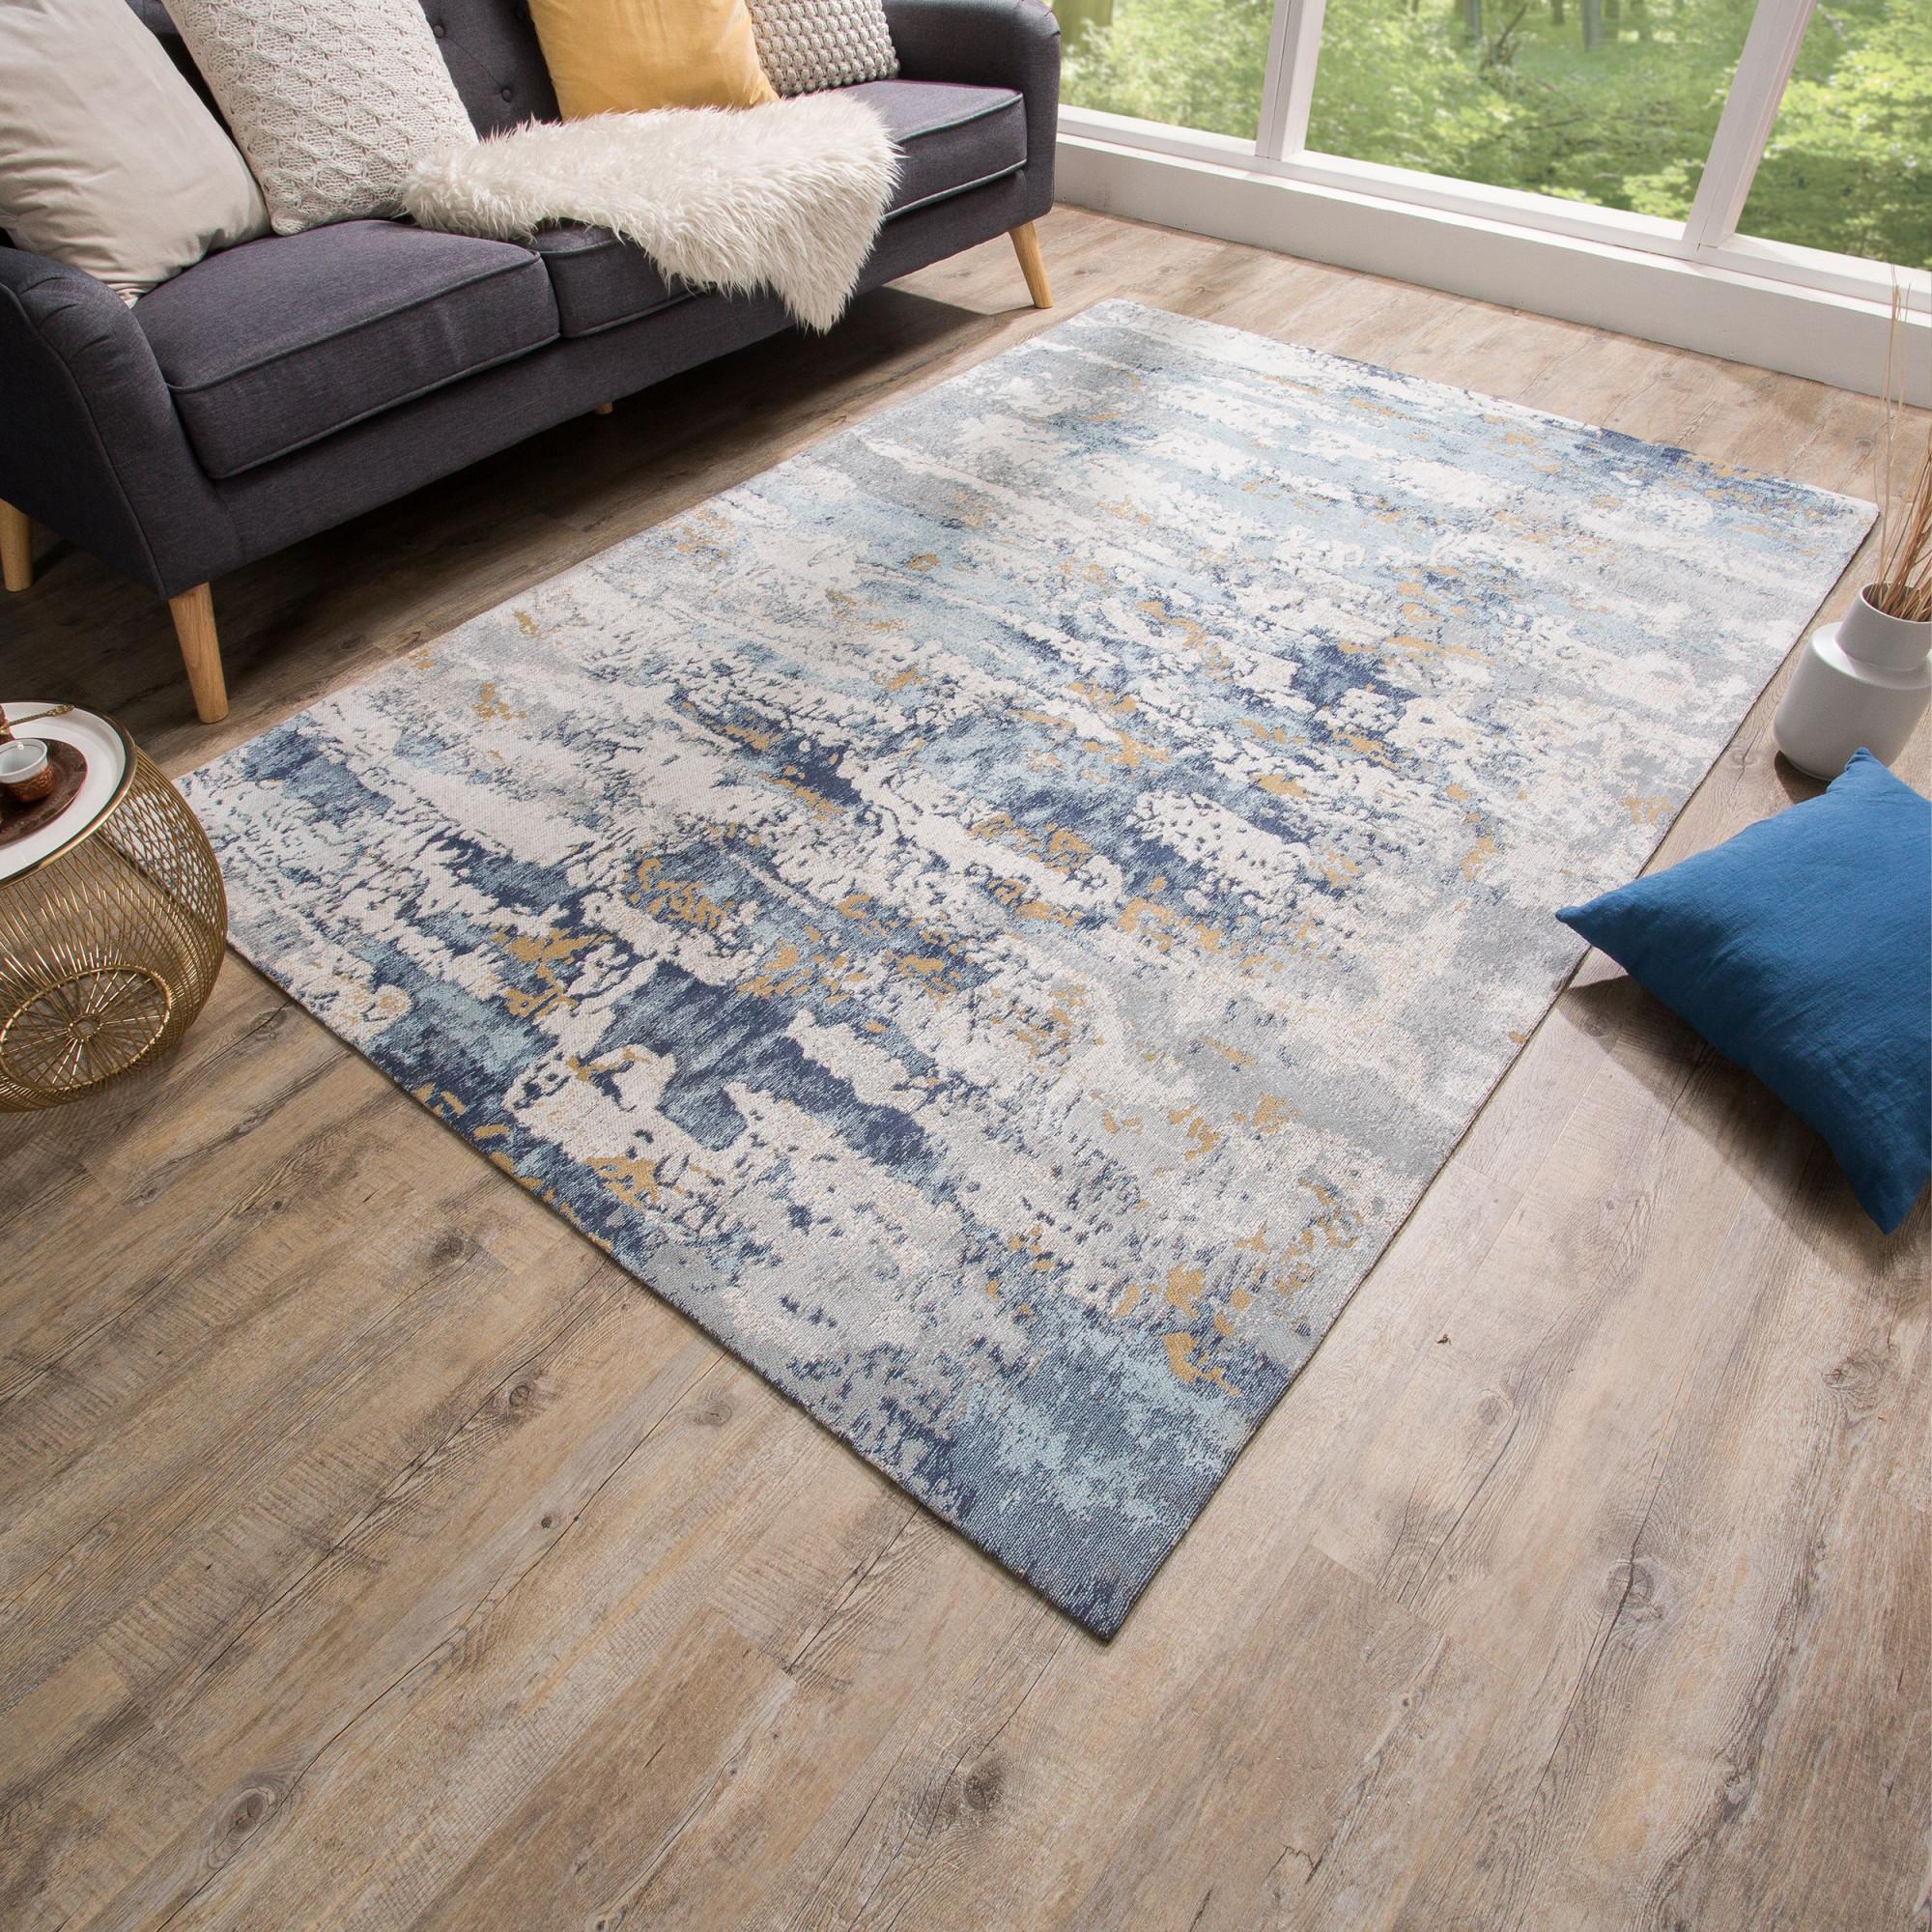 Design Teppich Abstrakt 240X160Cm Blau Baumwolle  Riess von Teppich Maritim Wohnzimmer Bild